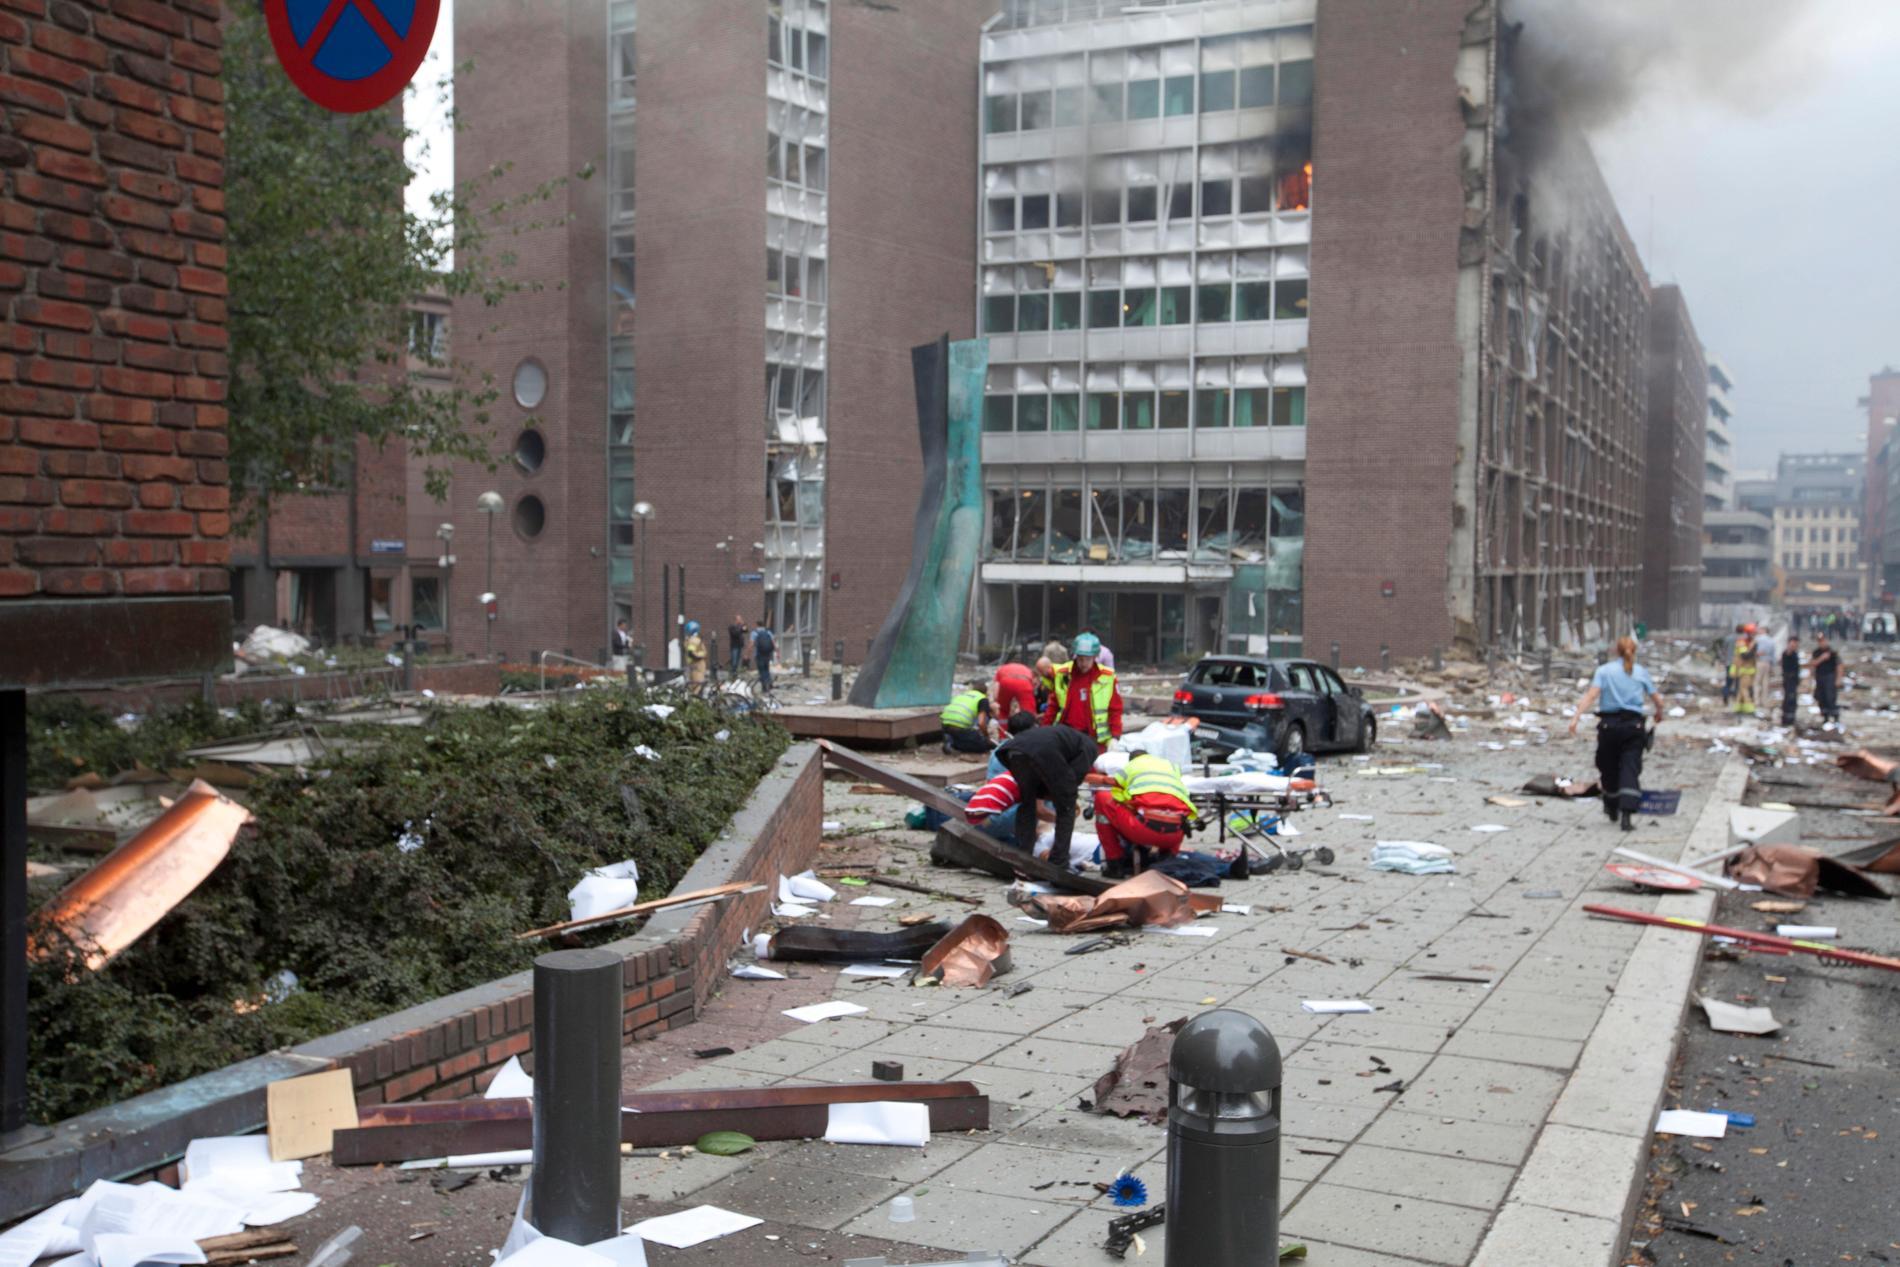 Klockan 15:25 den 22 juli sprängs en stor bomb vid regeringskvarteret i Oslo. Åtta dör och hundratals skadas i den enorma detonationen. Efteråt utbröt kaos, vittnen har beskrivit hur det var som en krigszon.